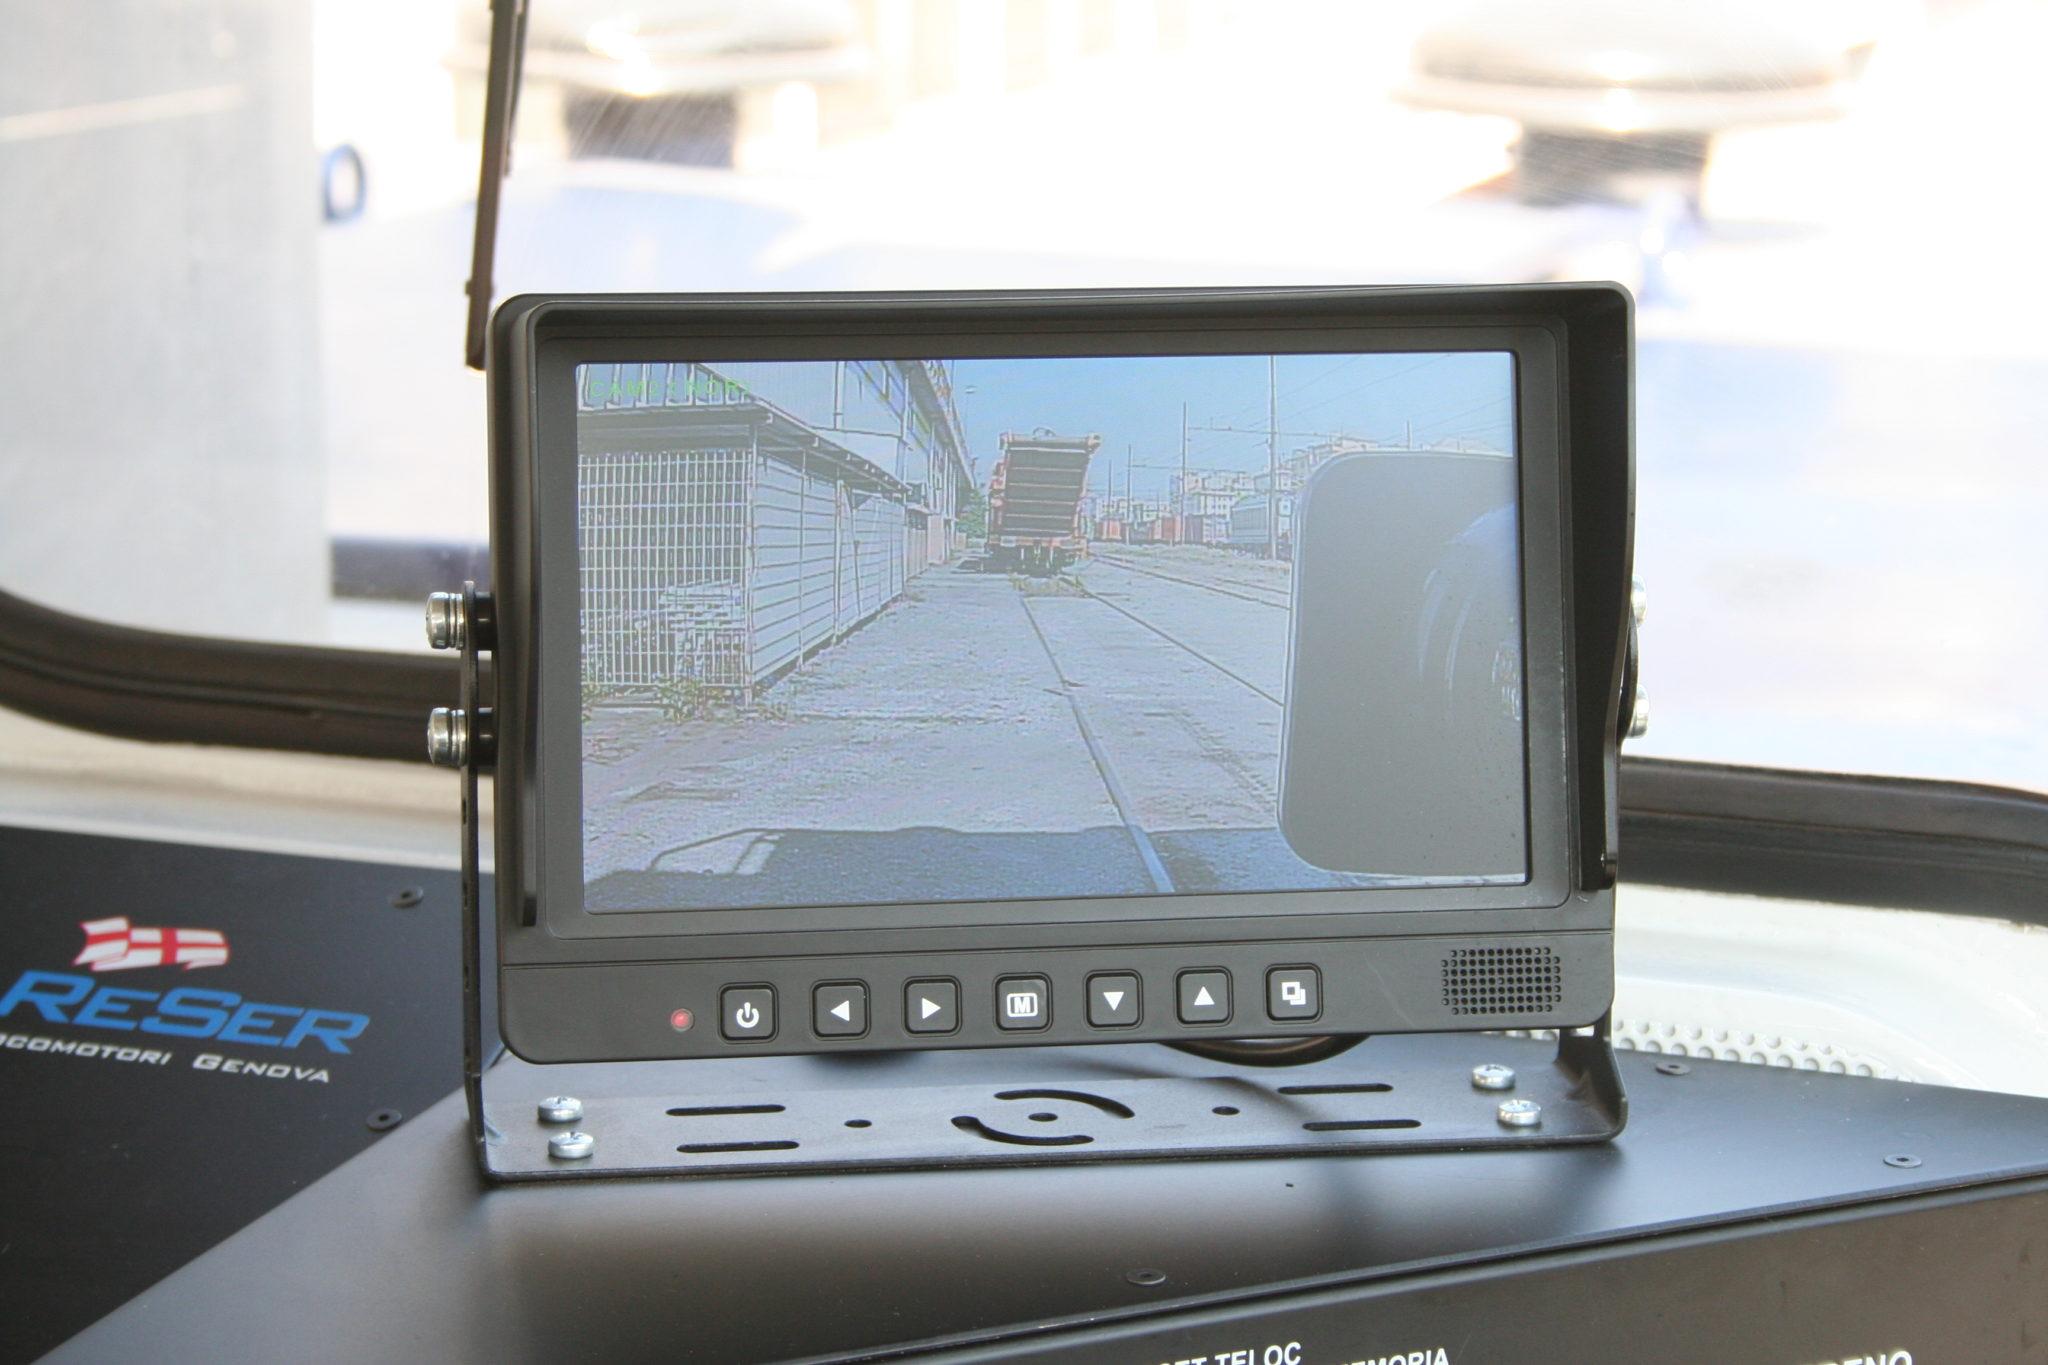 Monitor LCD a colori per visualizzazioni coni d'ombra